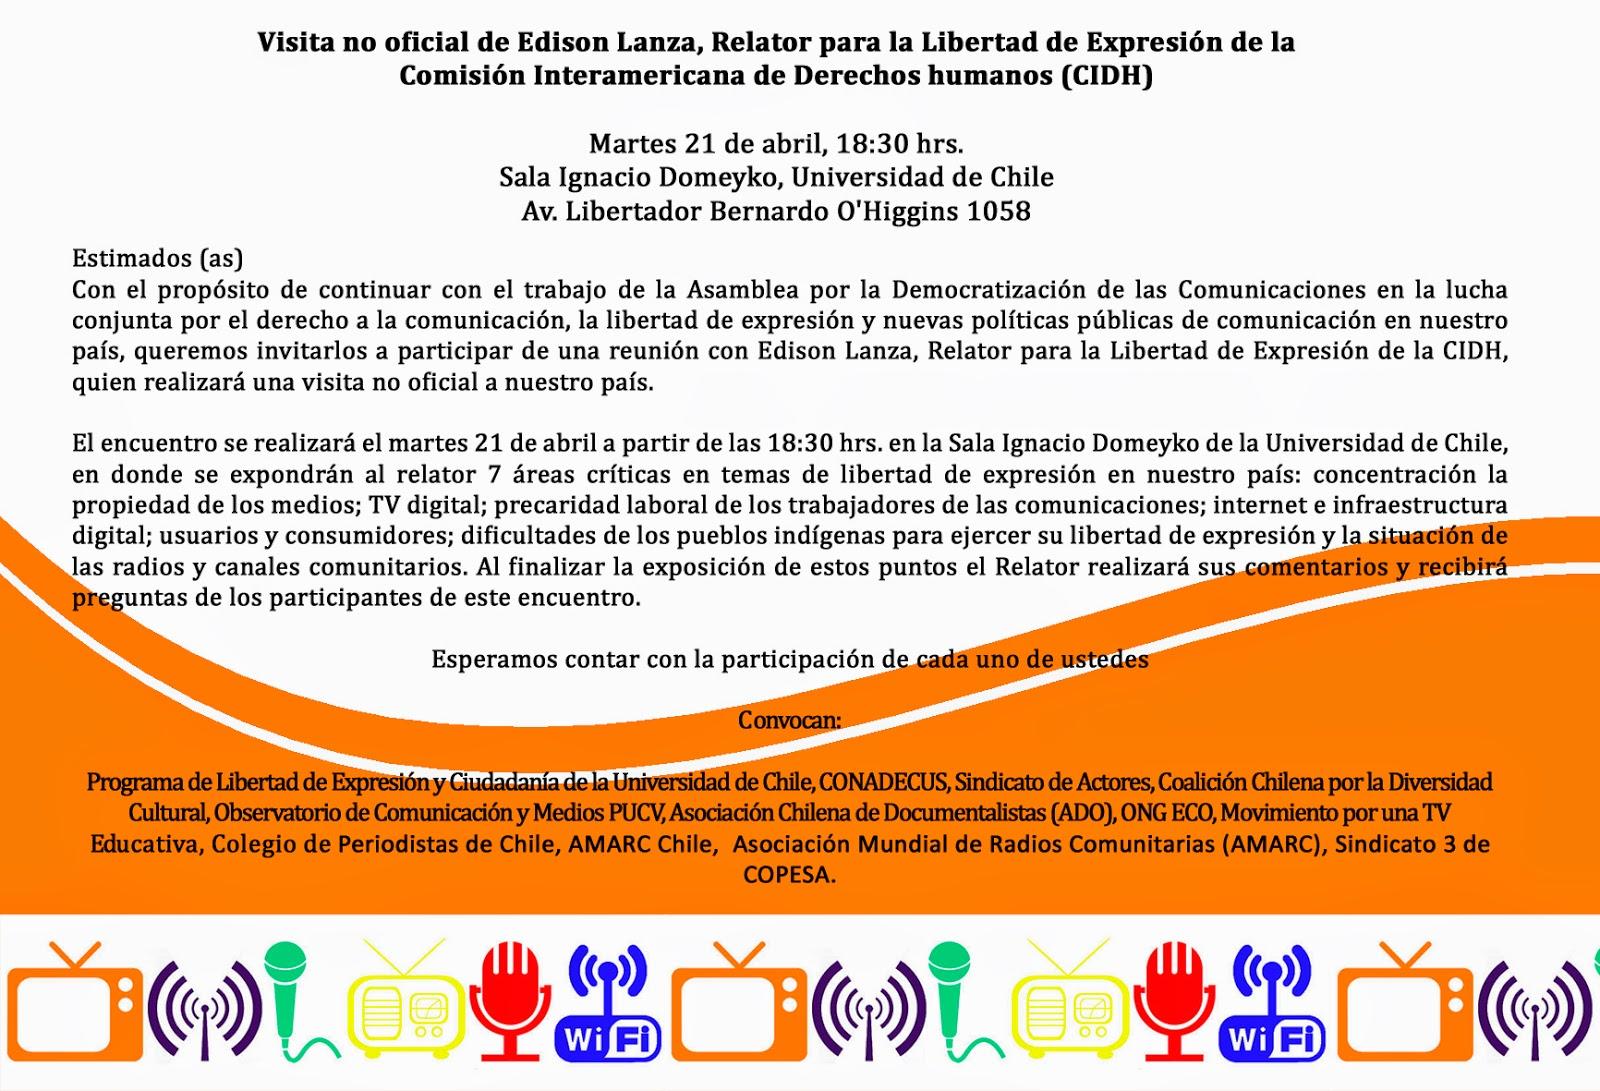 INVITACIÓN: Visita no oficial de Edison Lizana, Relator para la Libertad de Expresión de la Comisión Interamericana de Derechos Humanos (CIDH)